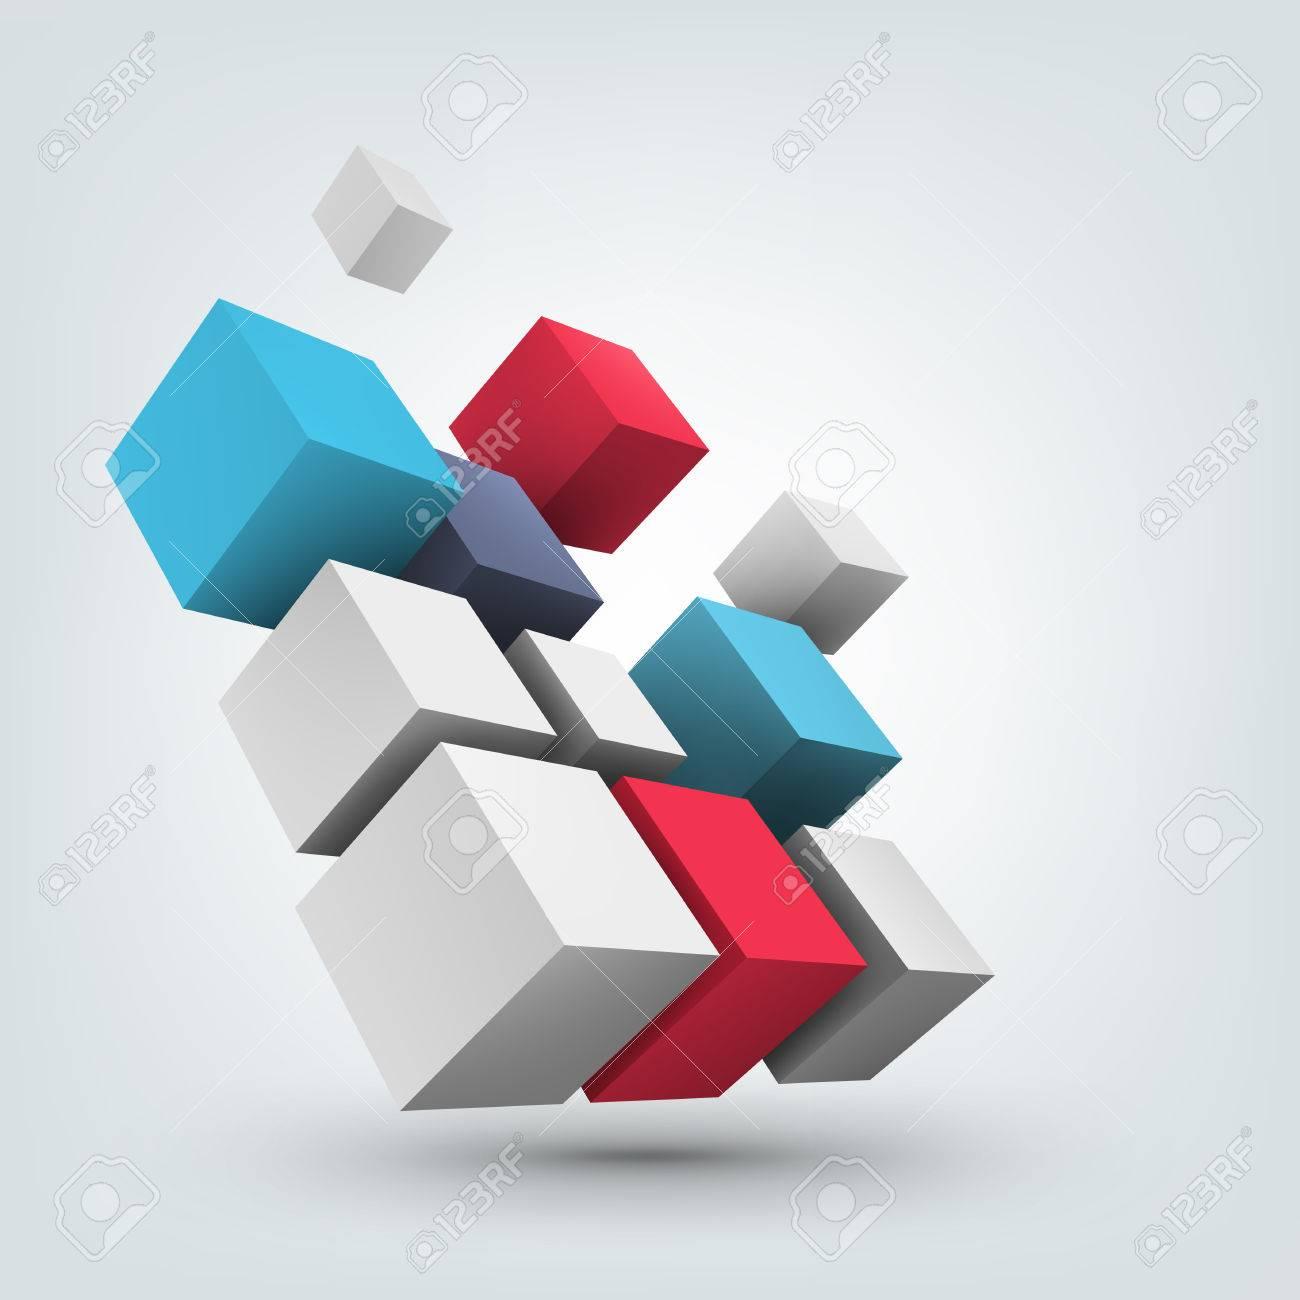 Poster design 3d - Composition Of 3d Cubes Background Design For Banner Poster